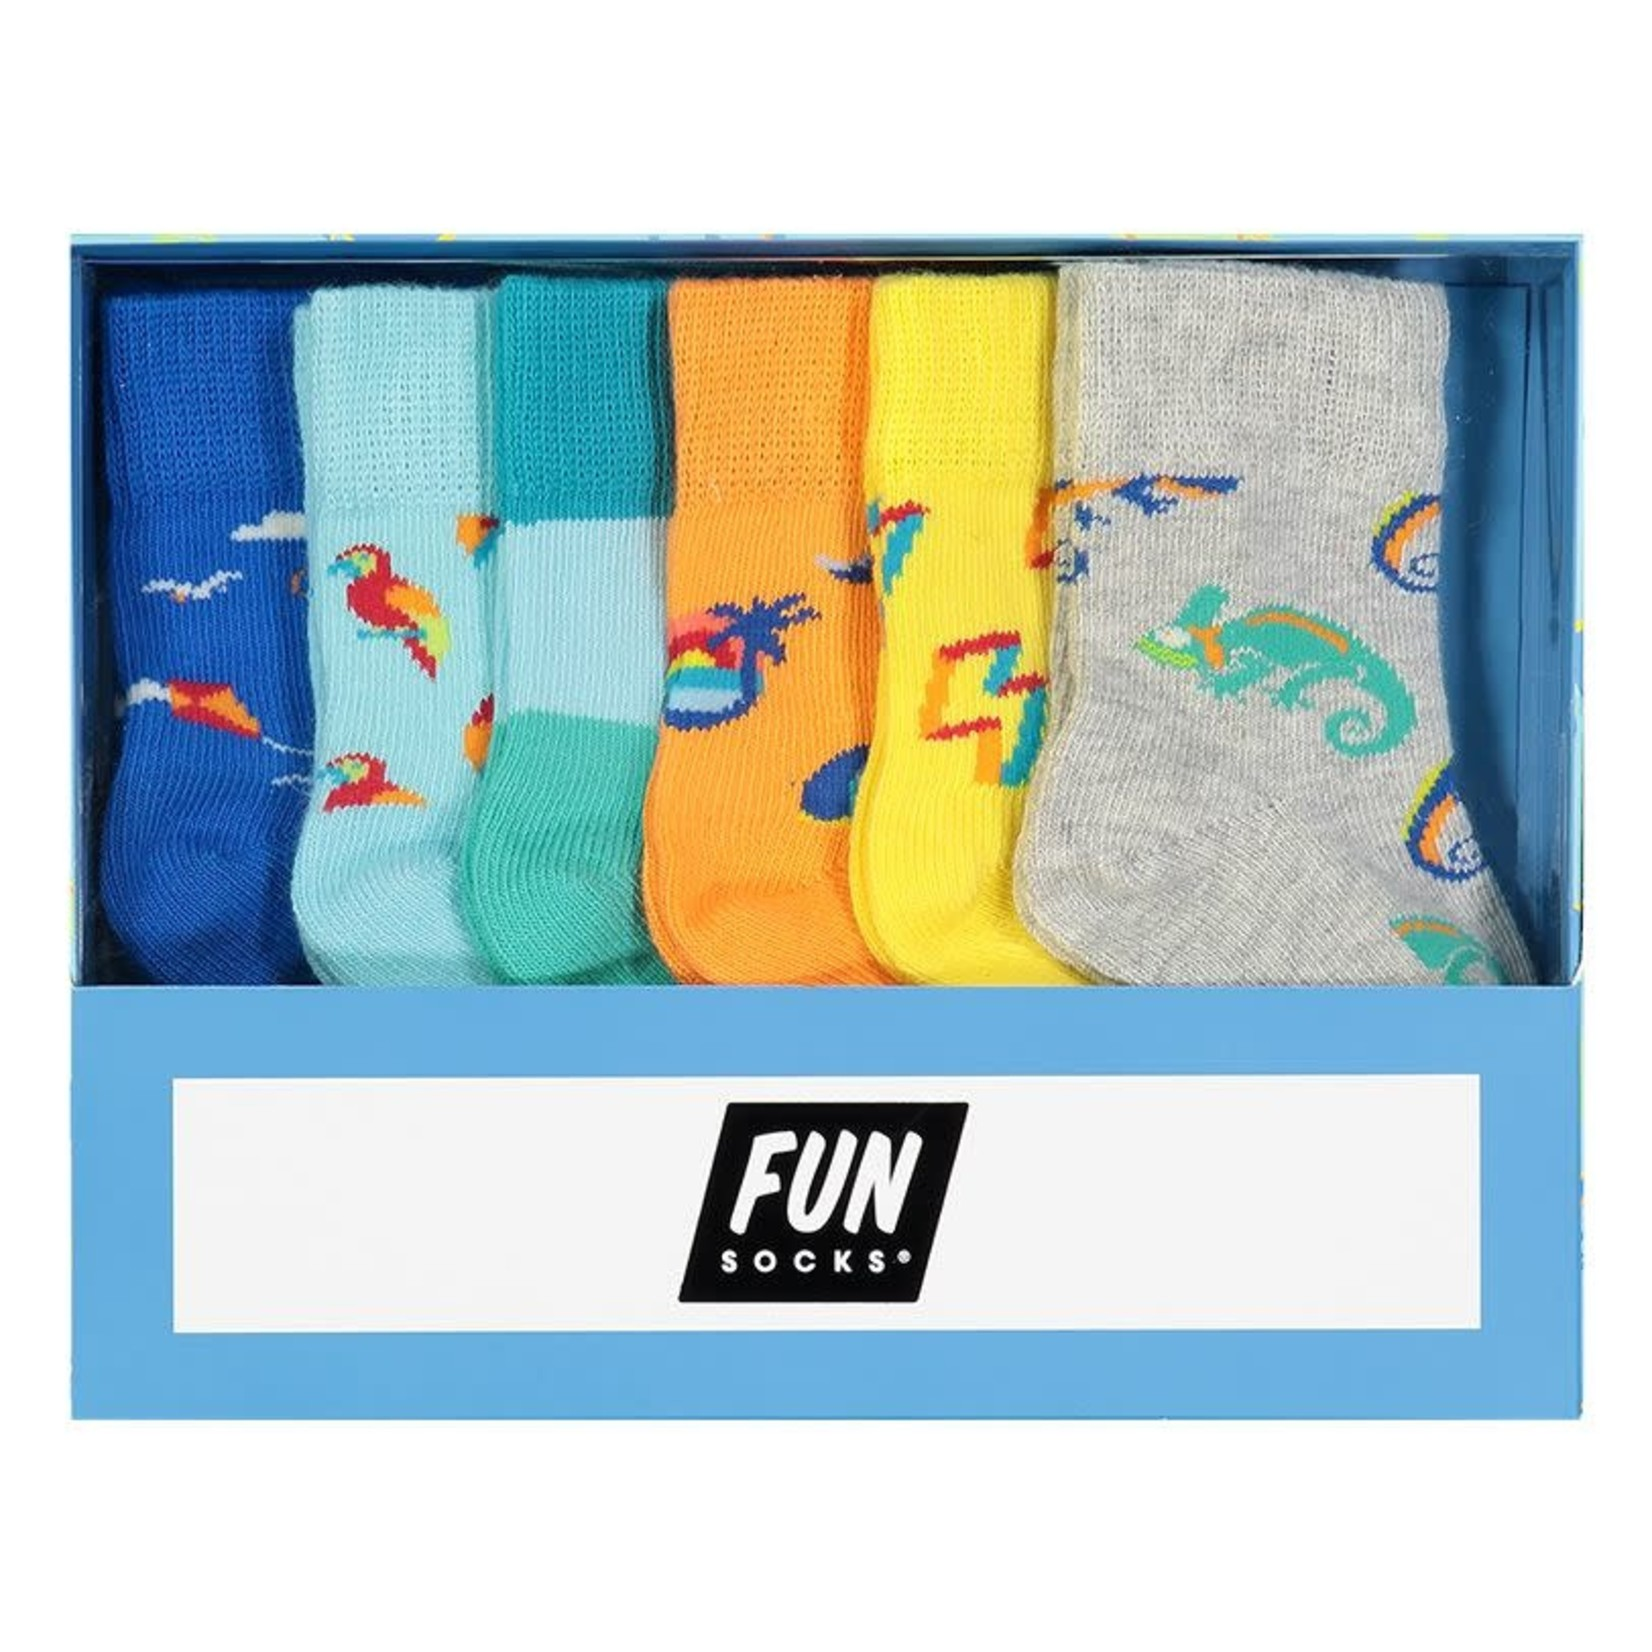 Fun Socks Fun Socks : 6 Pack Infant Boys Non Terry Crew Multi O/S